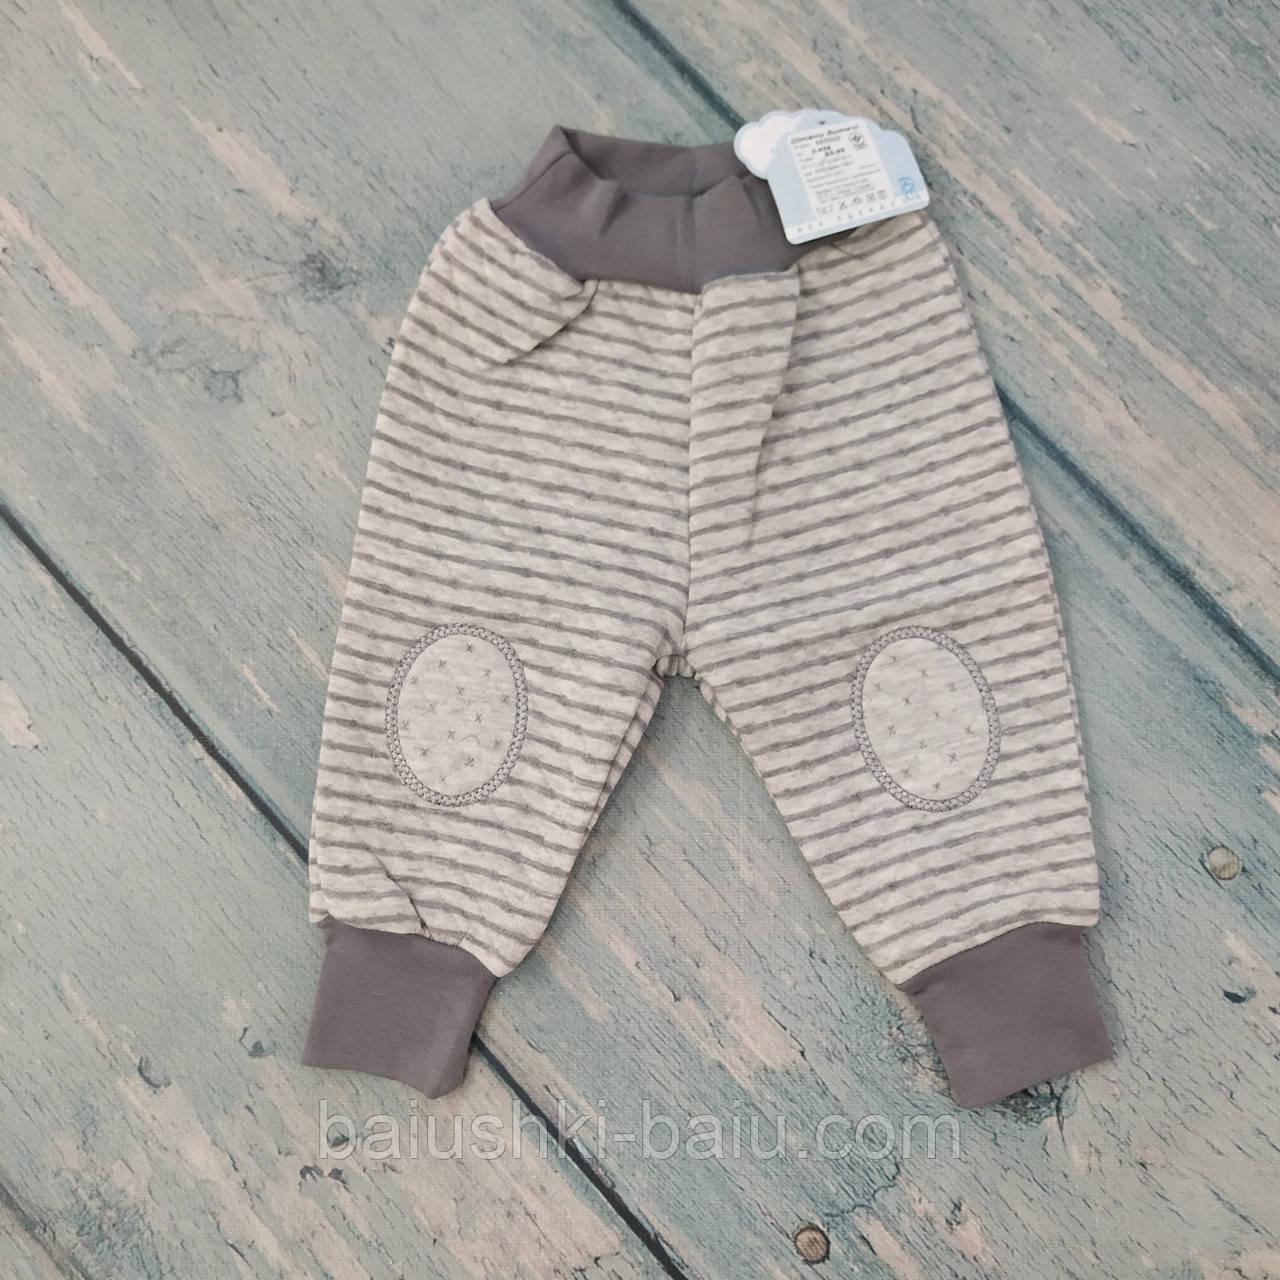 Штаны теплые для новорожденного мальчика (капитон), р. 62